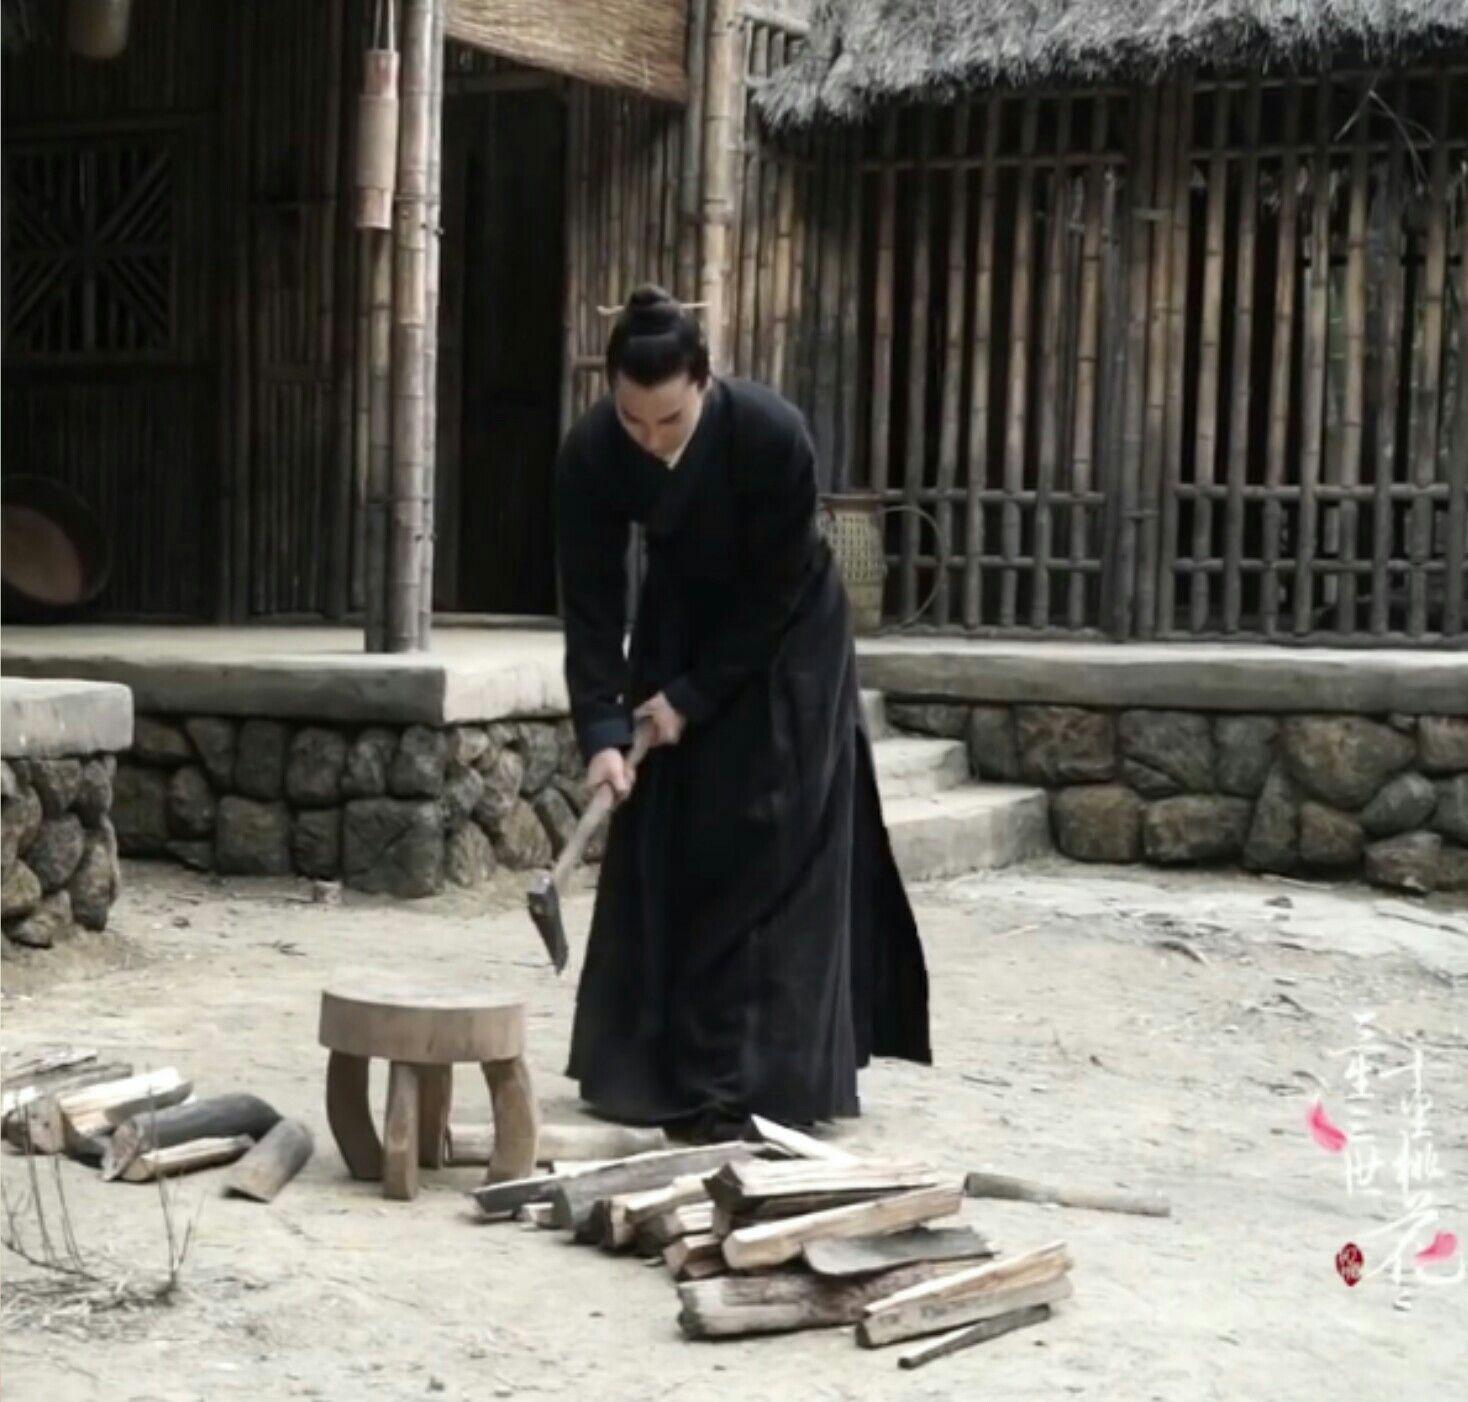 中國ドラマ:「TSTT TLĐH」の畫像(投稿者:H さん) | ドラマ